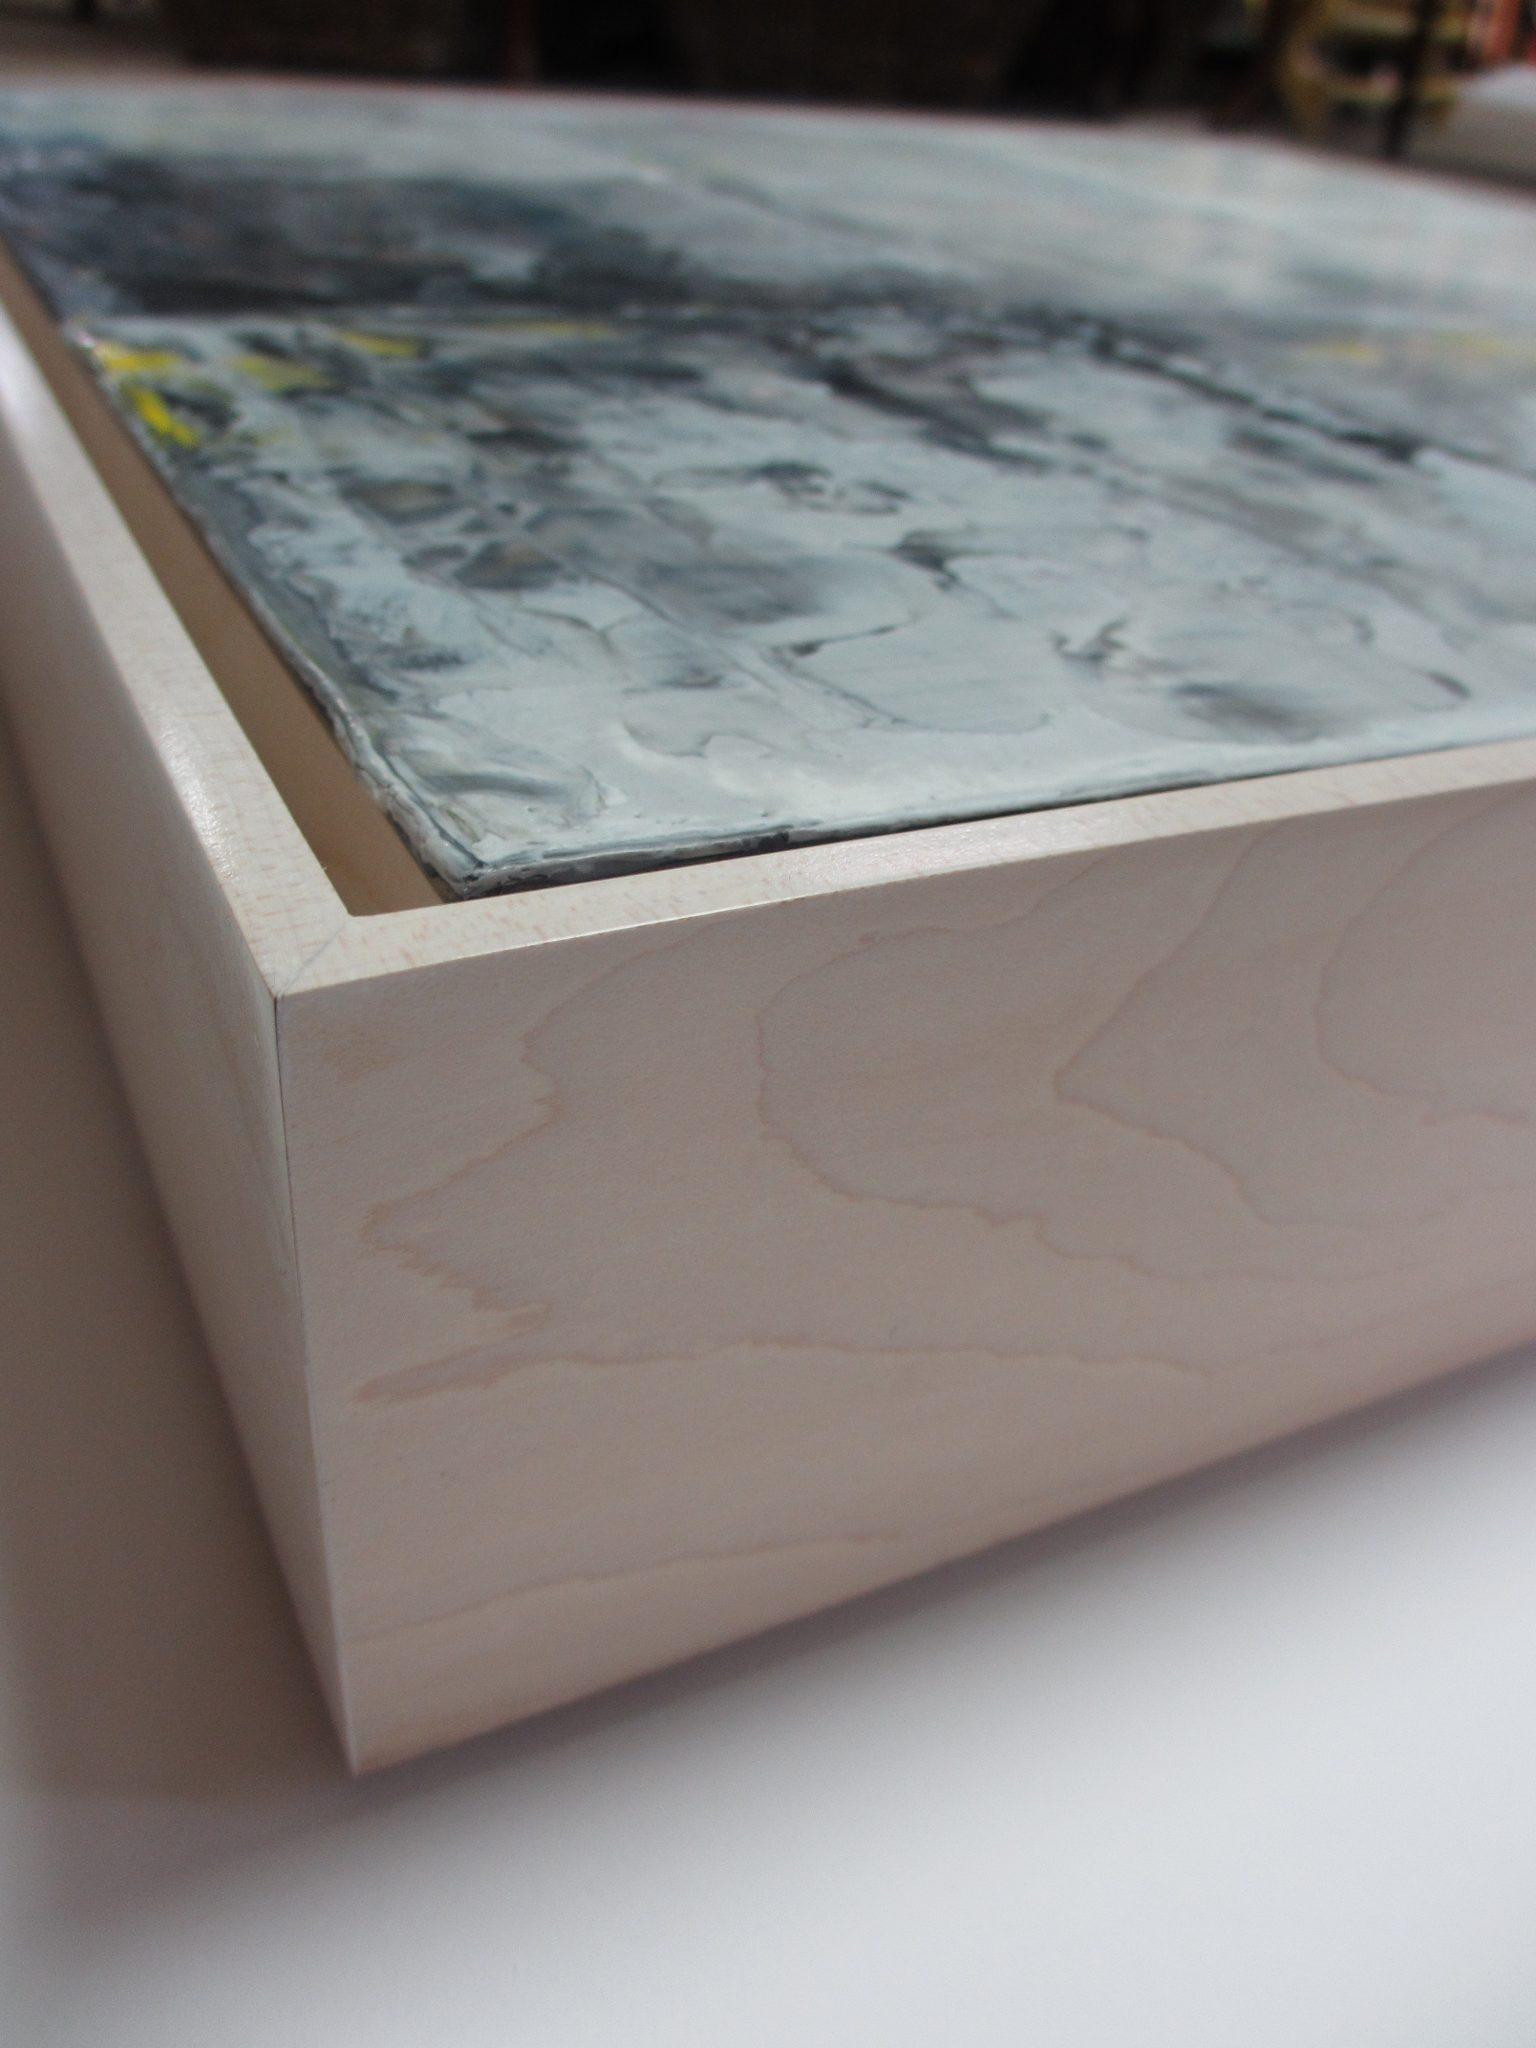 Floating Frame for Encaustic Paintings - Rose City Framemakers - Sparta NJ - Custom Framing